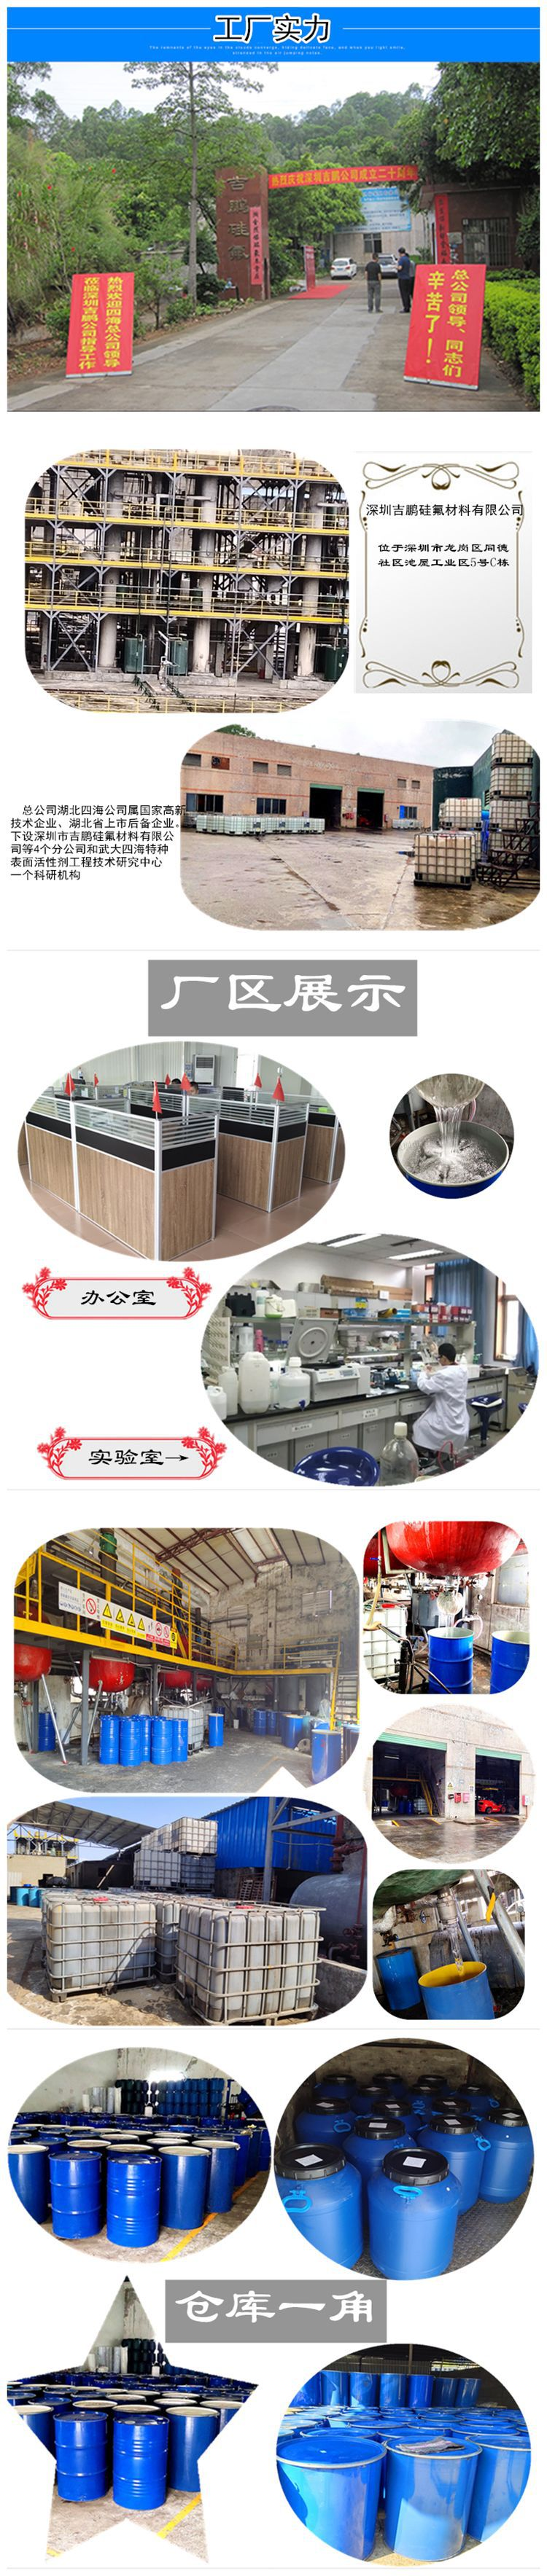 隆胜吉鹏生产高粘度107硅橡胶